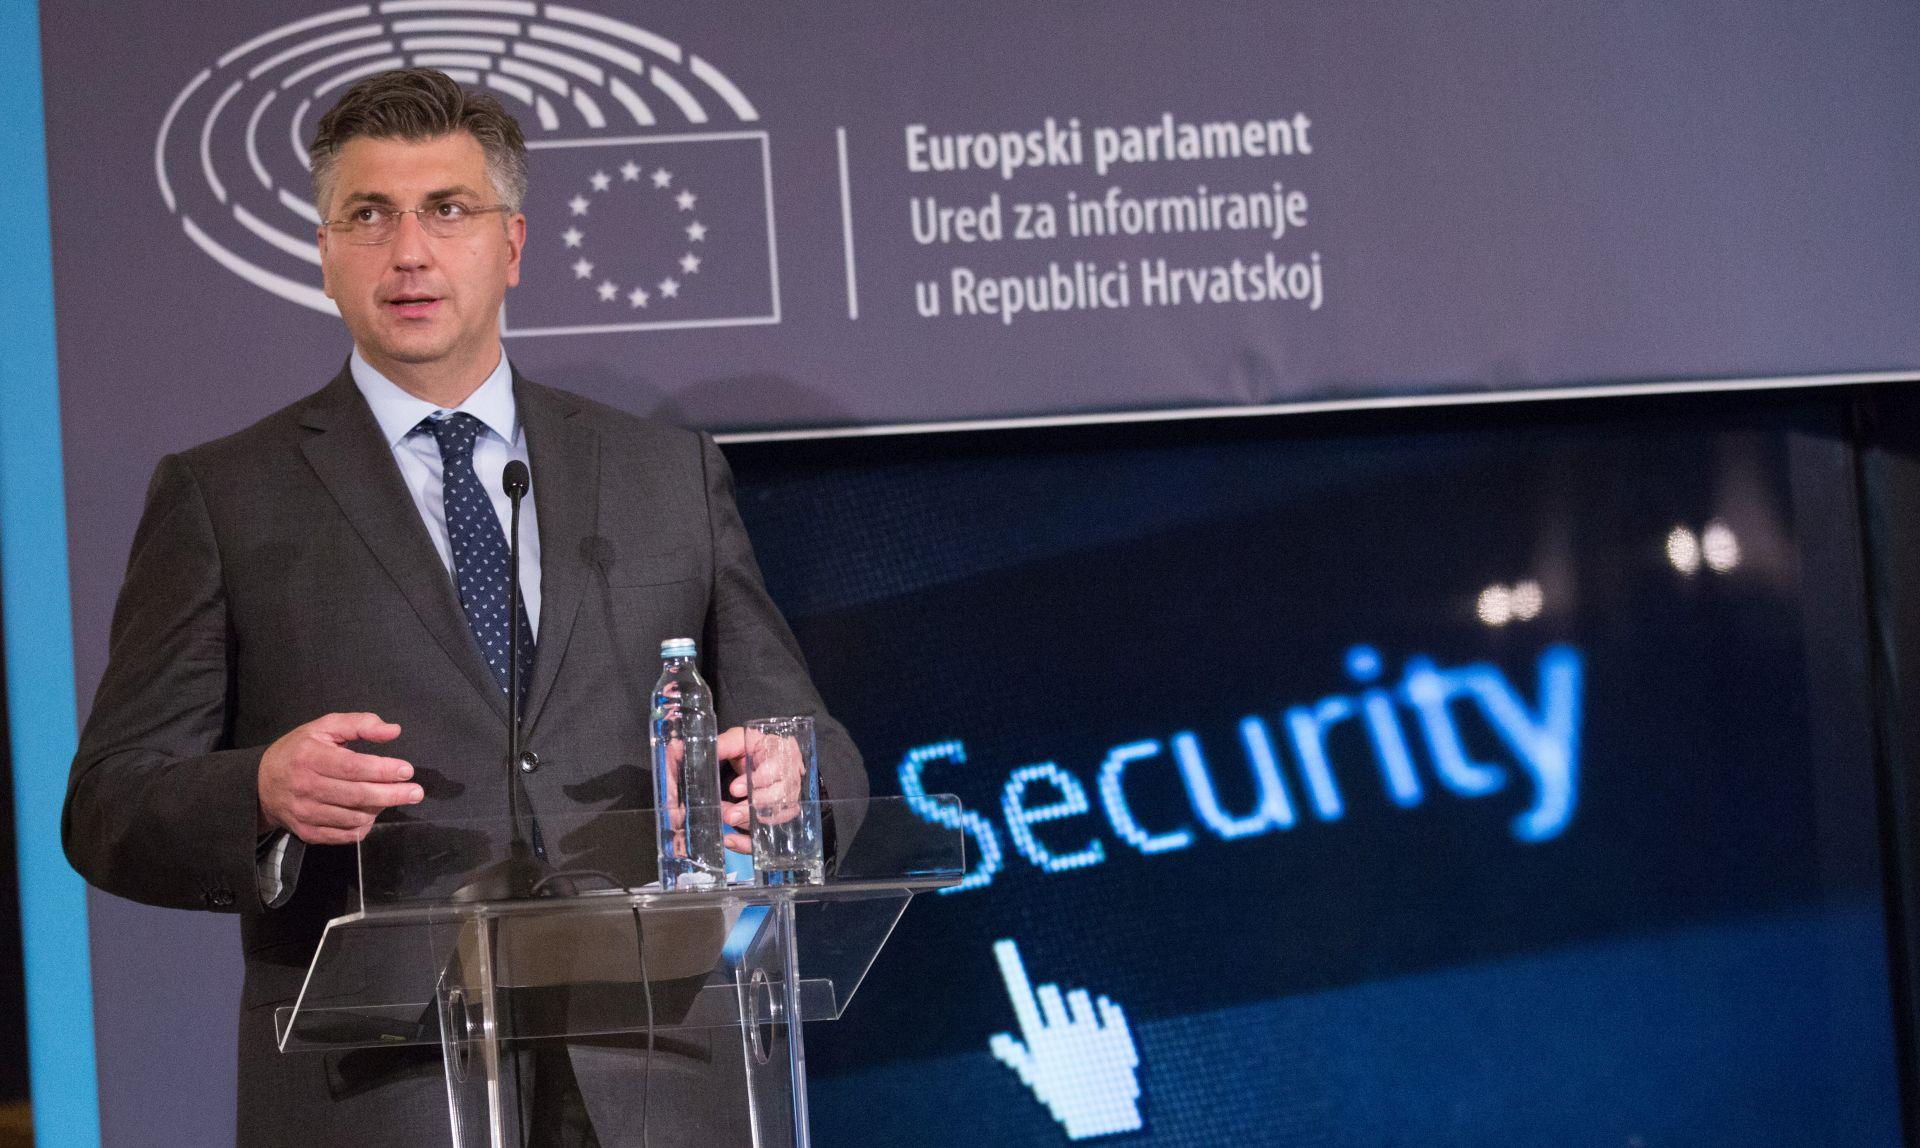 PLENKOVIĆ 'Prijetnja terorizma je realnost Europe'